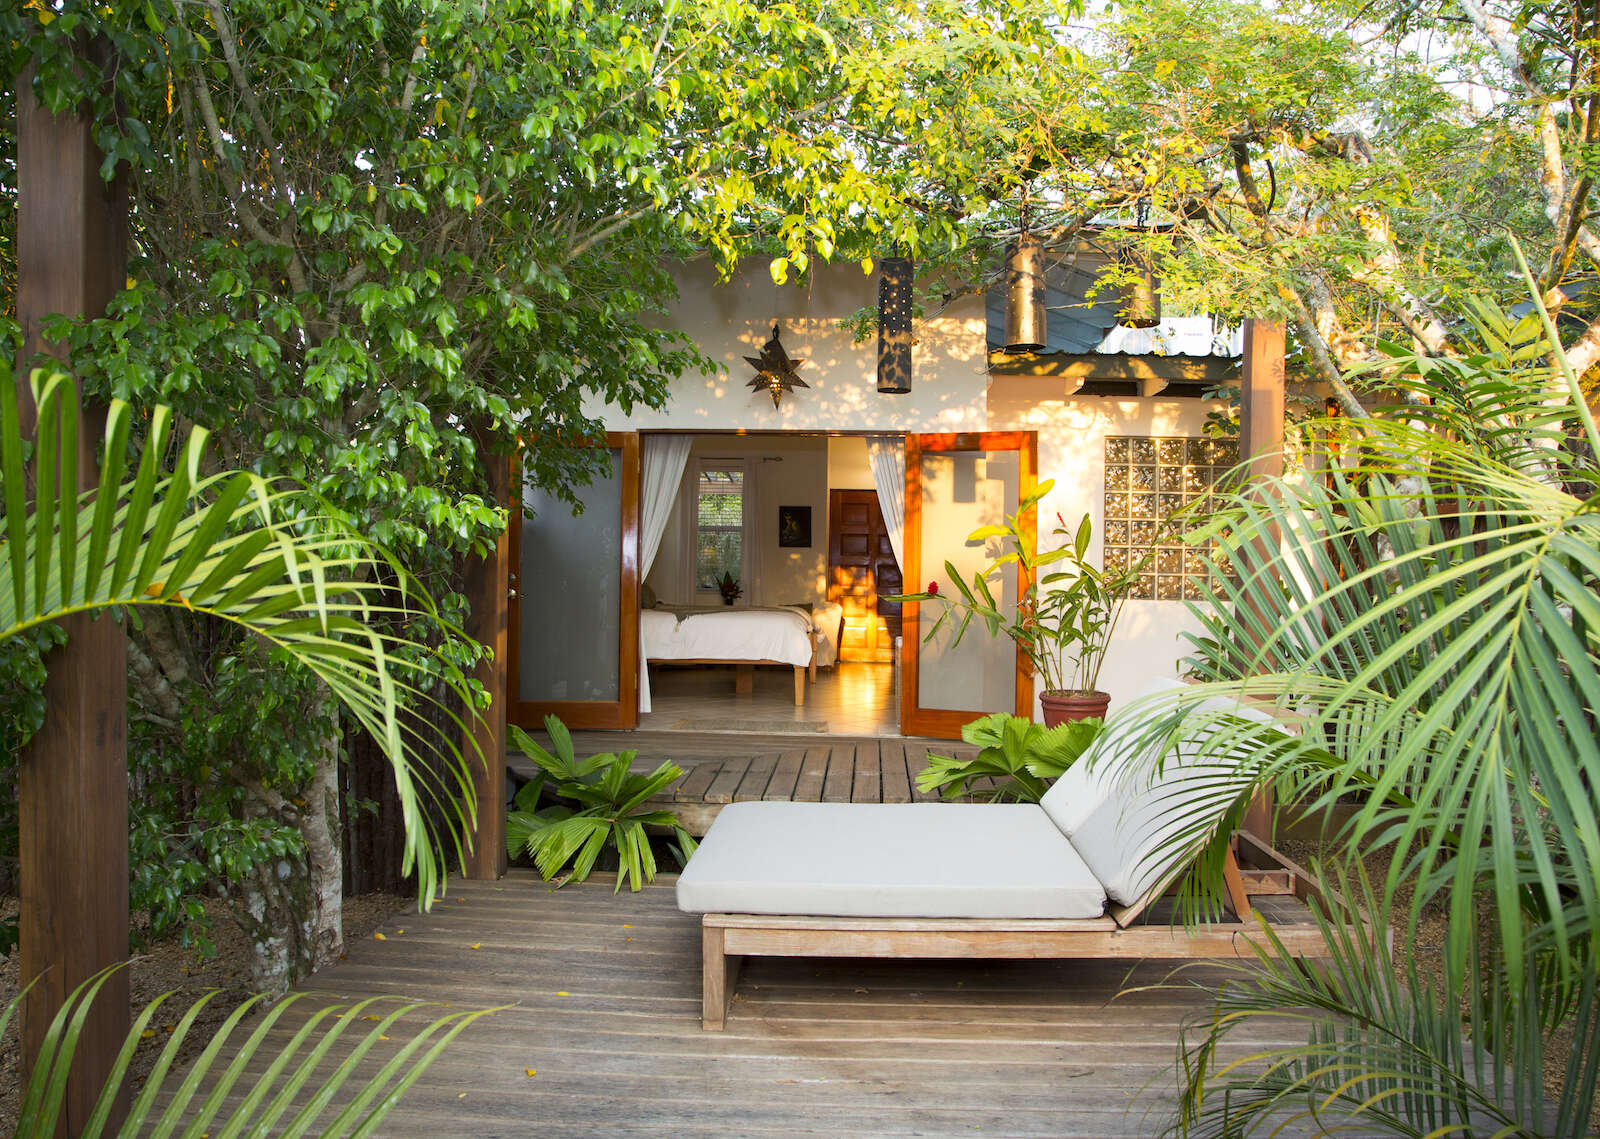 Central america villa rentals - Belize - San ignacio - Kaana luxury resort - Master Suite - Image 1/6